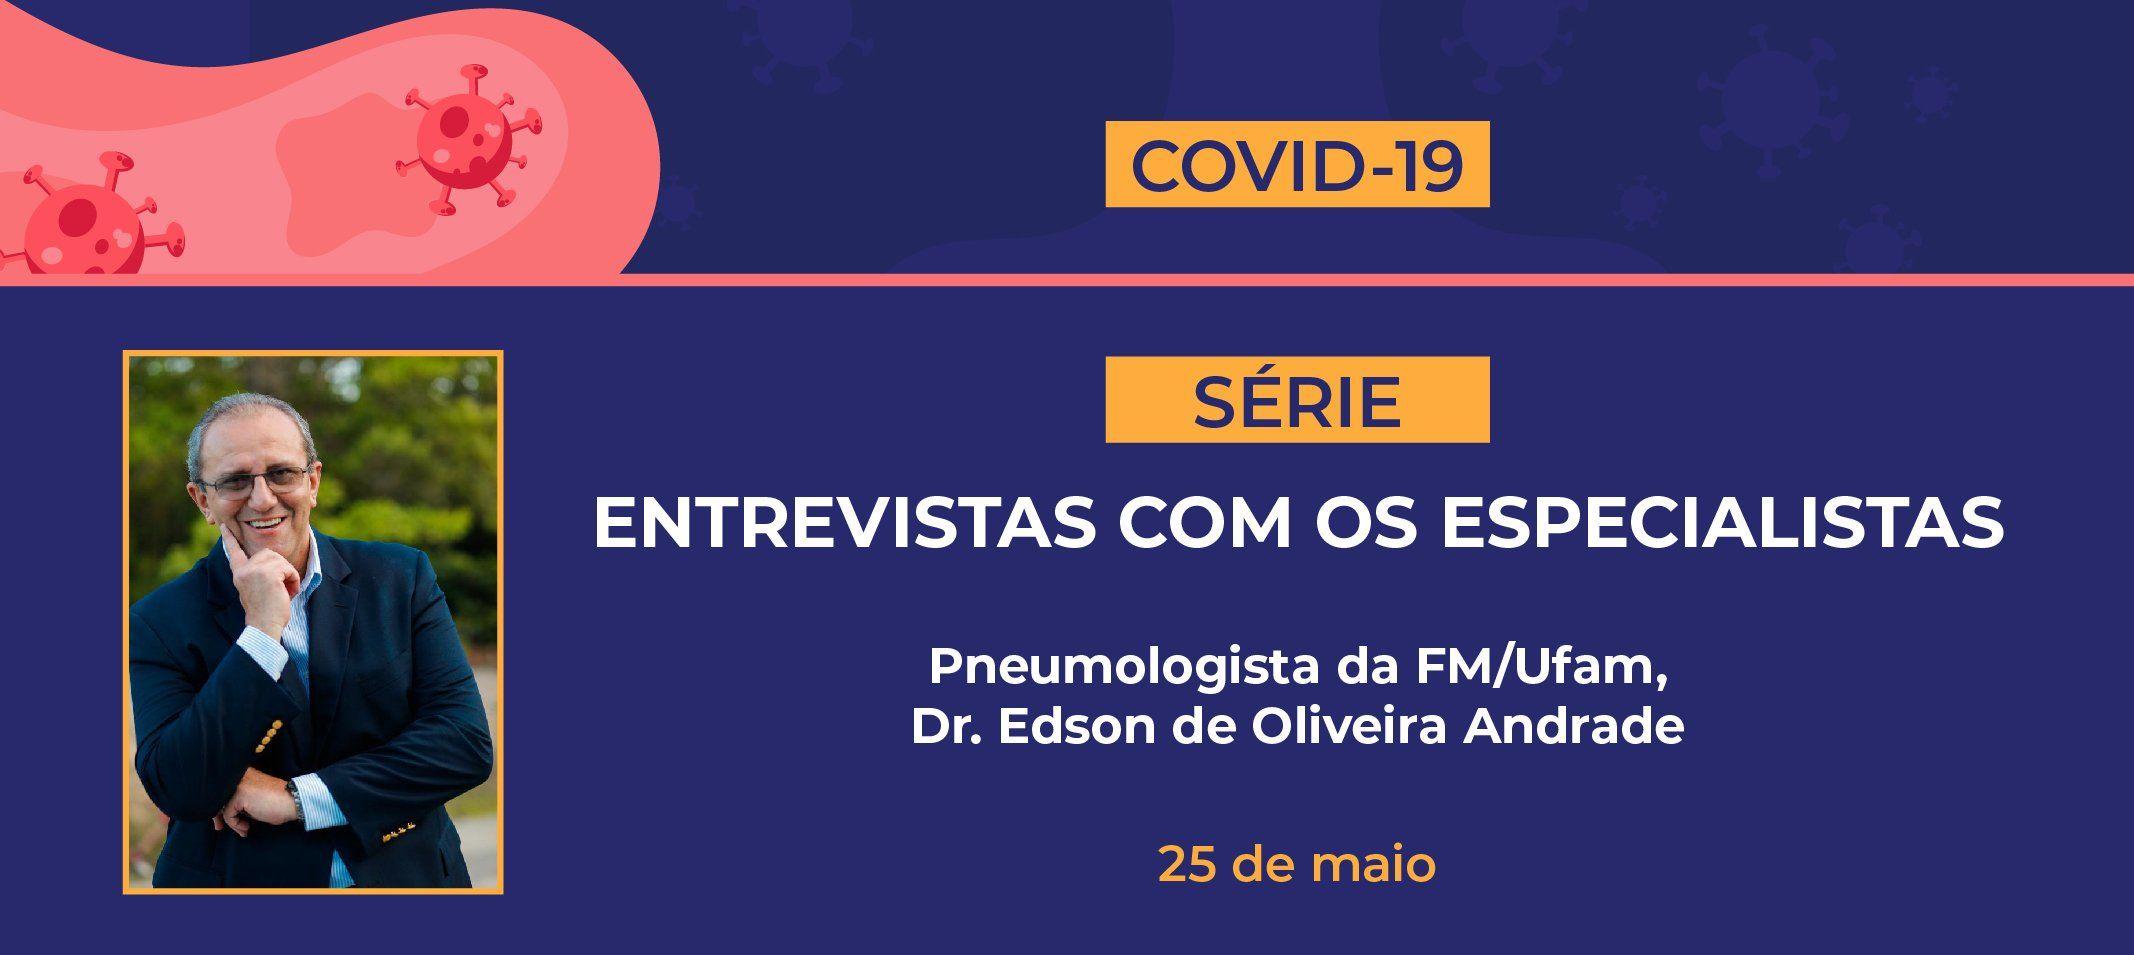 Dr. Edson Andrade, Pneumologista